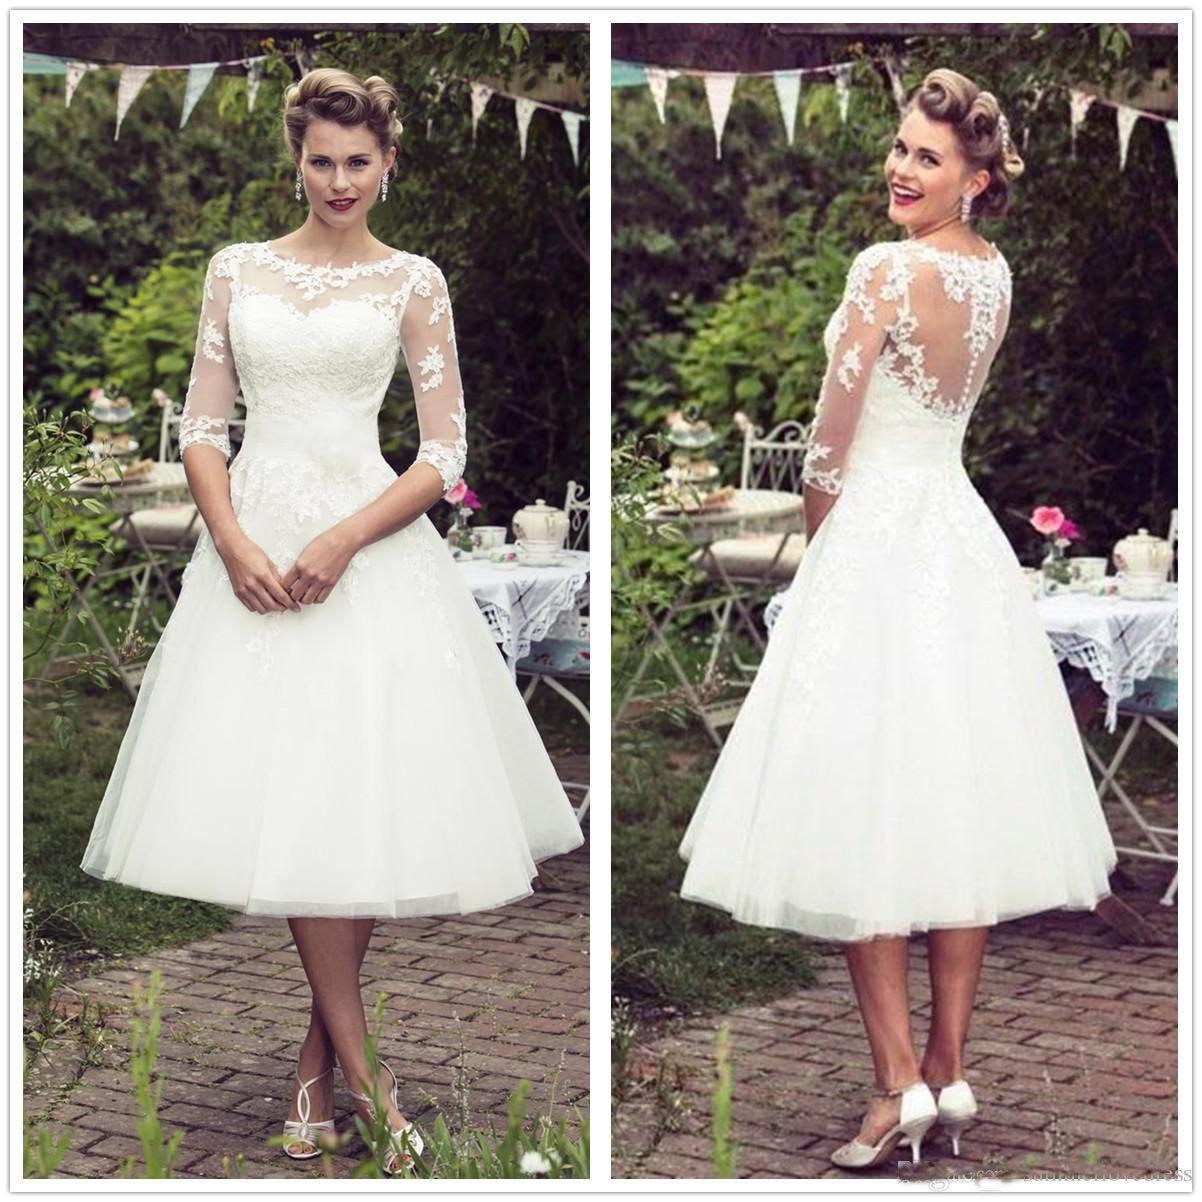 Grosshandel Vintage 50er Jahre Stil Kurze Spitze Brautkleider Halbarm